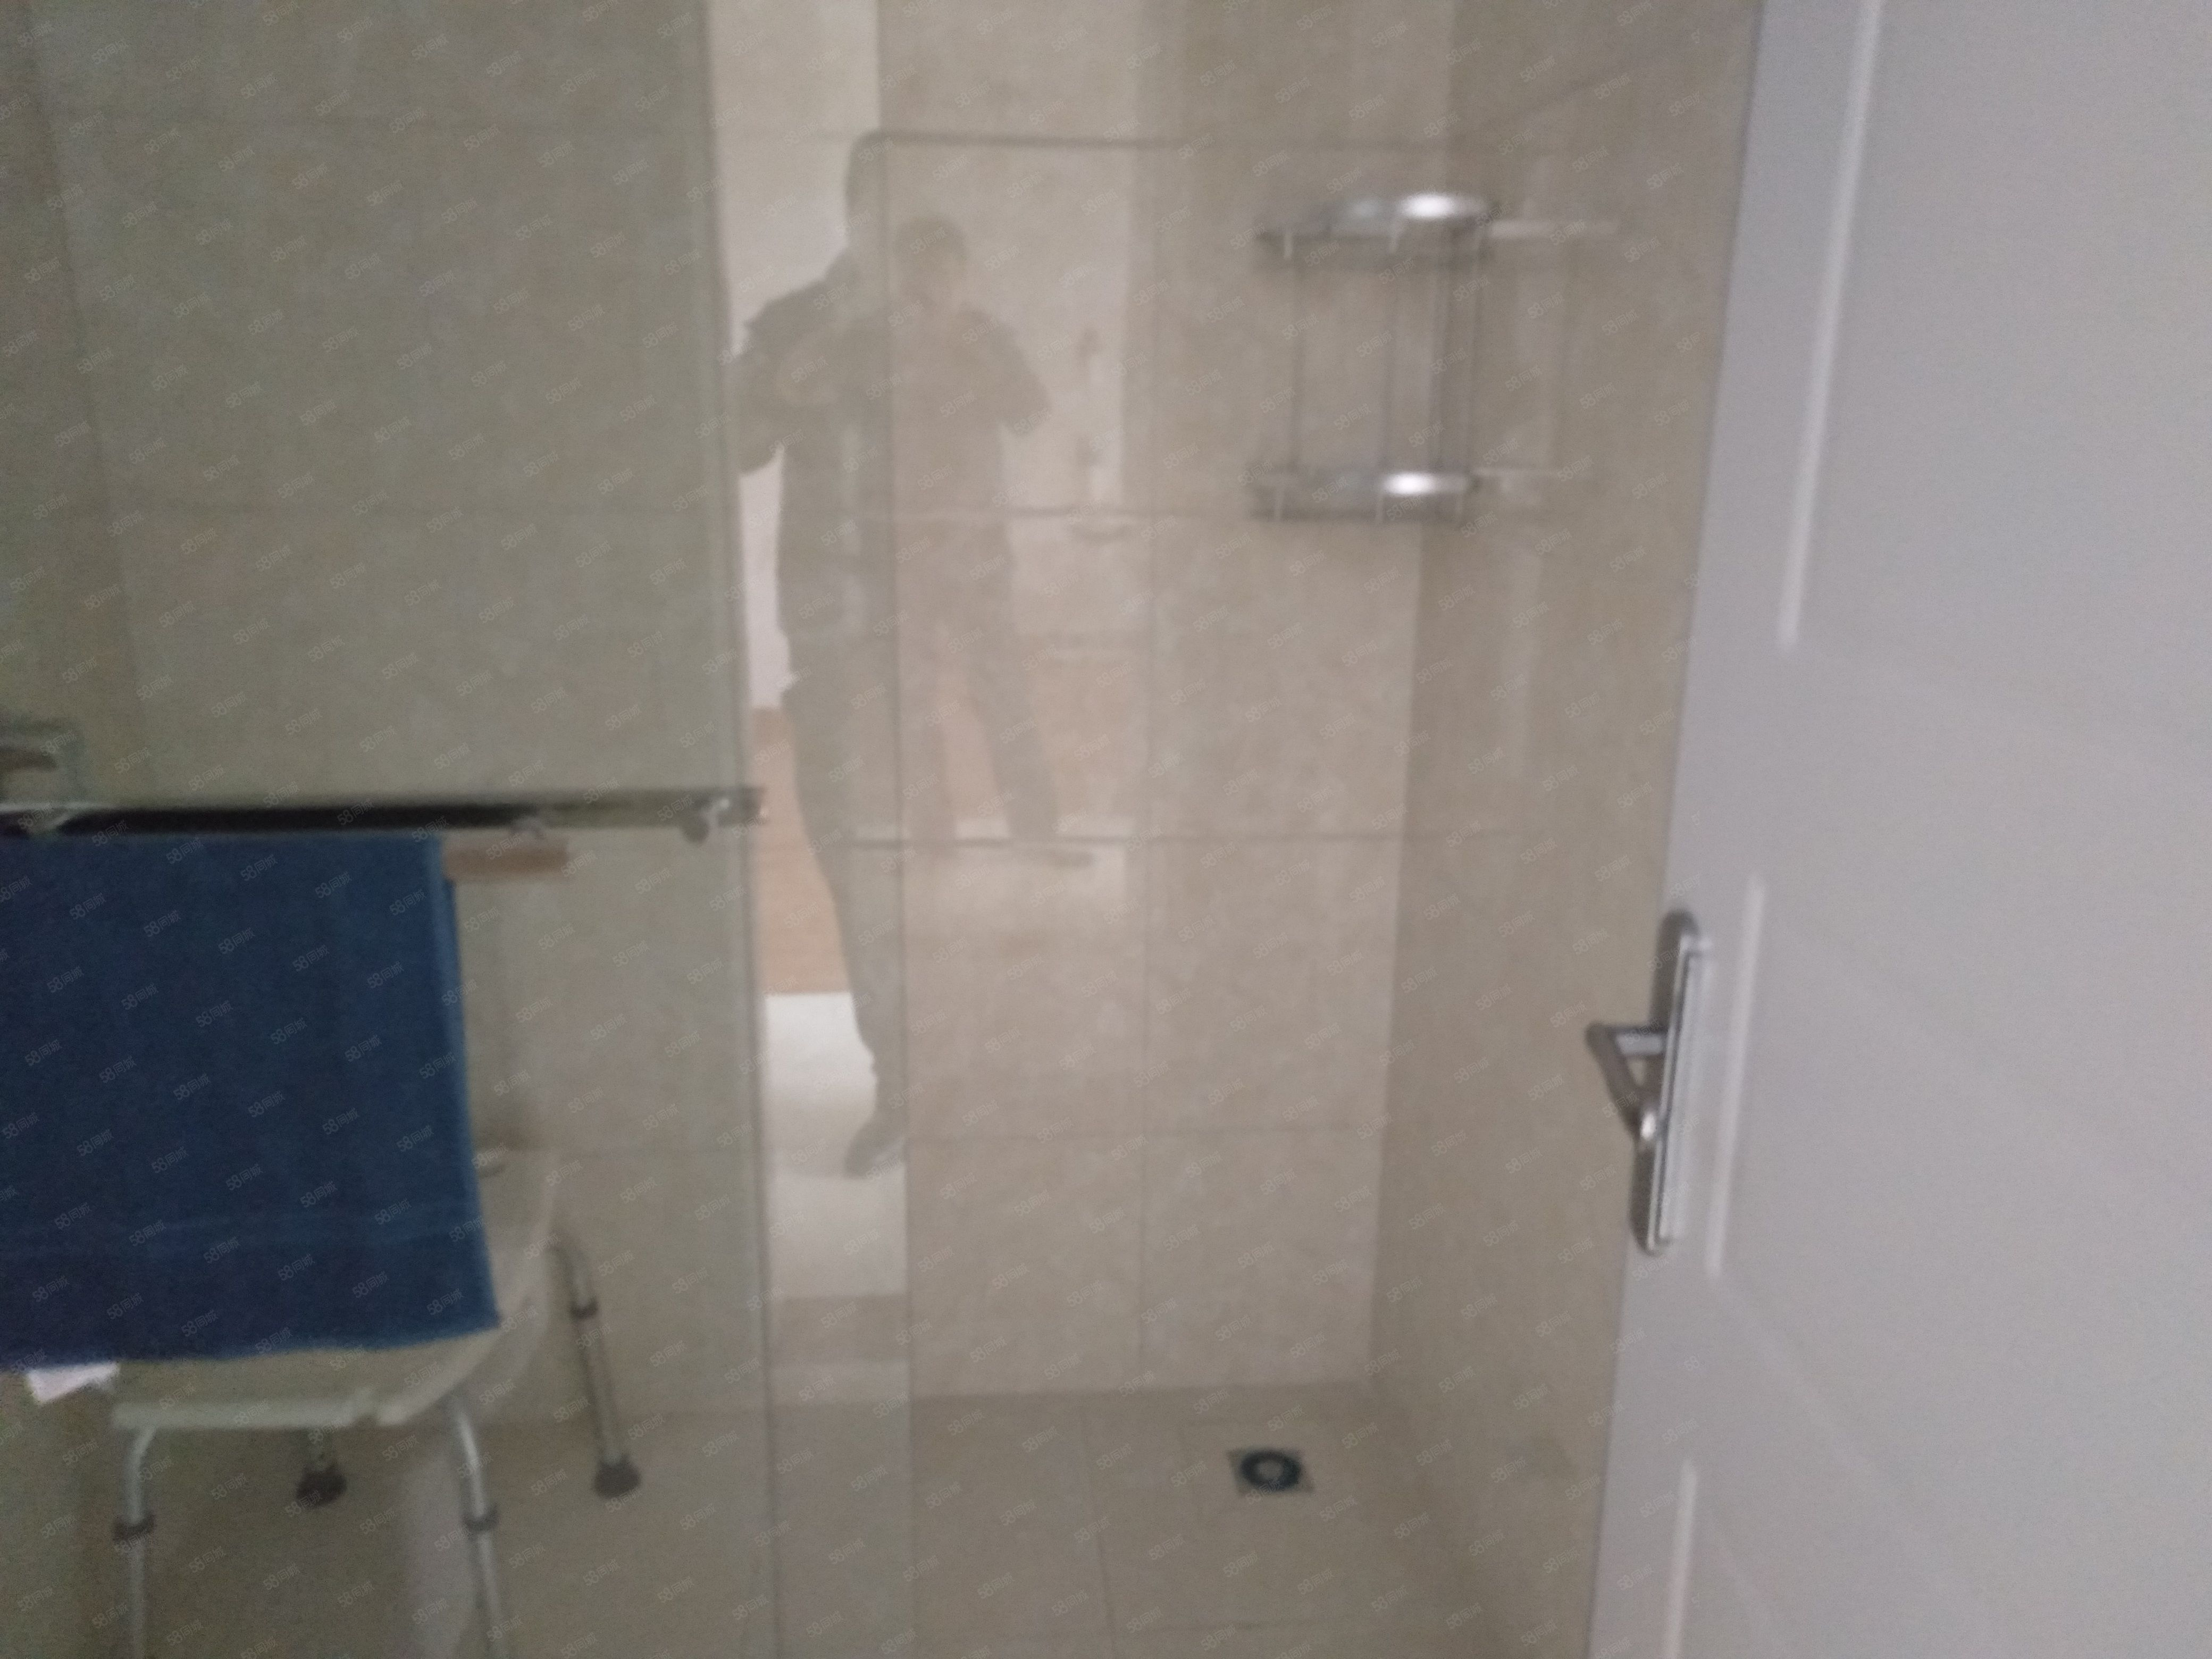 黄山高铁旅游地产欢迎您黄山纳尼亚小镇1室1厅1卫精装全配